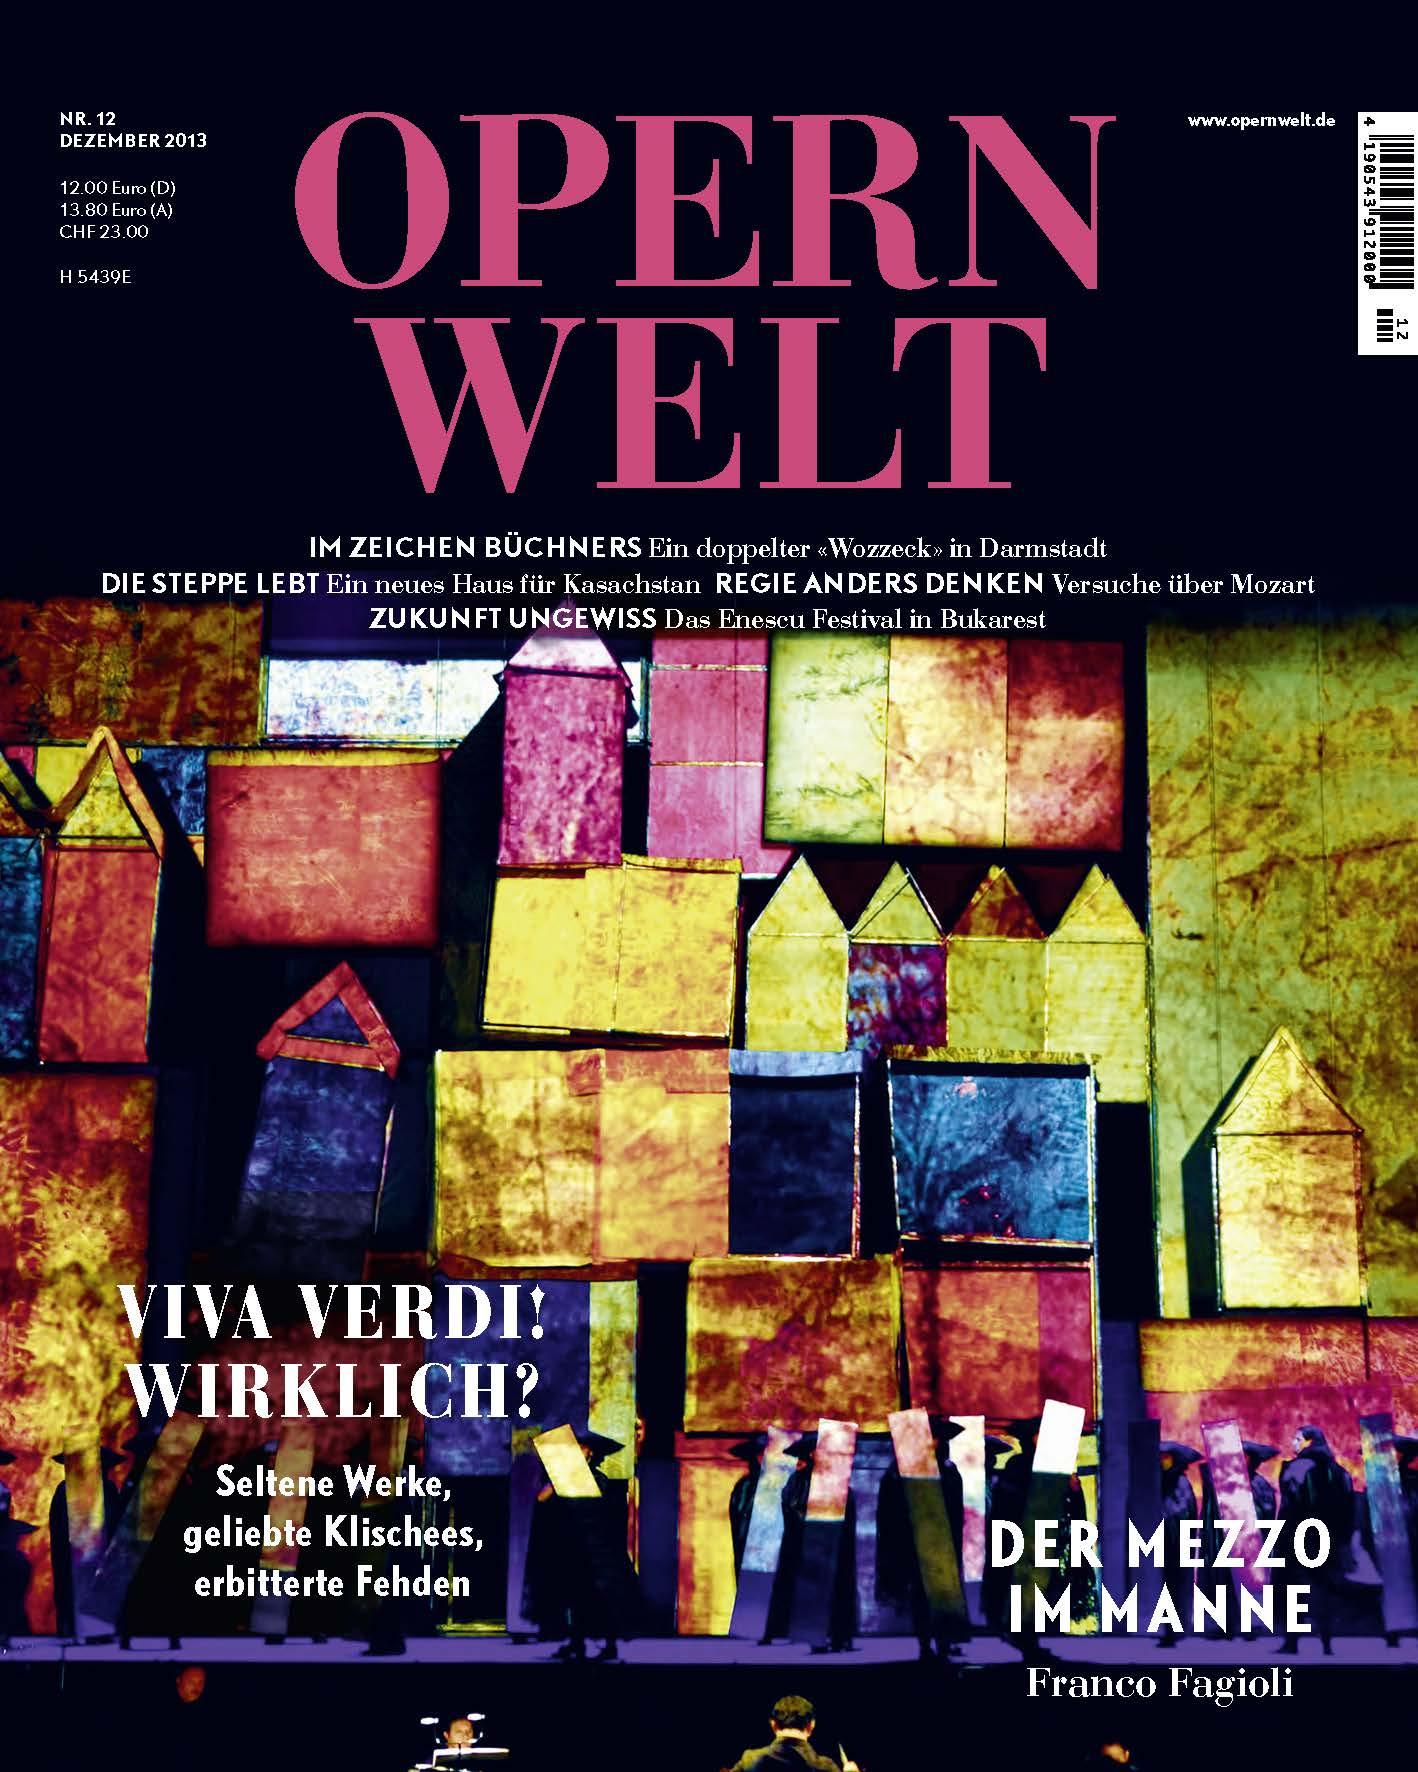 Opernwelt Dezember (12/2013)